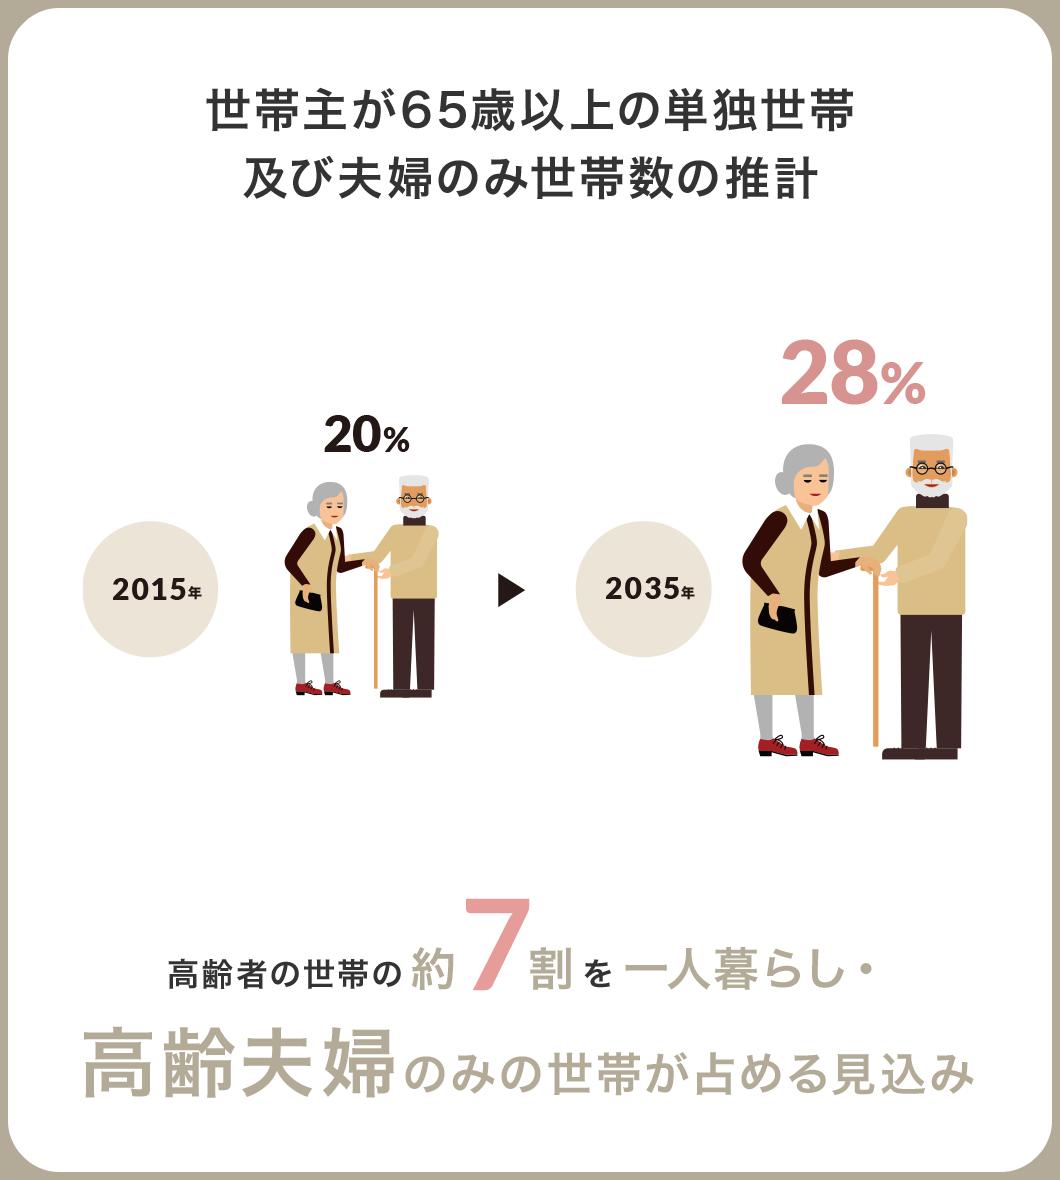 世帯主が65歳以上の単独世帯及び夫婦のみ世帯数の推計 高齢者の世帯の約7割を一人暮らし・高齢夫婦のみの世帯が占める見込み